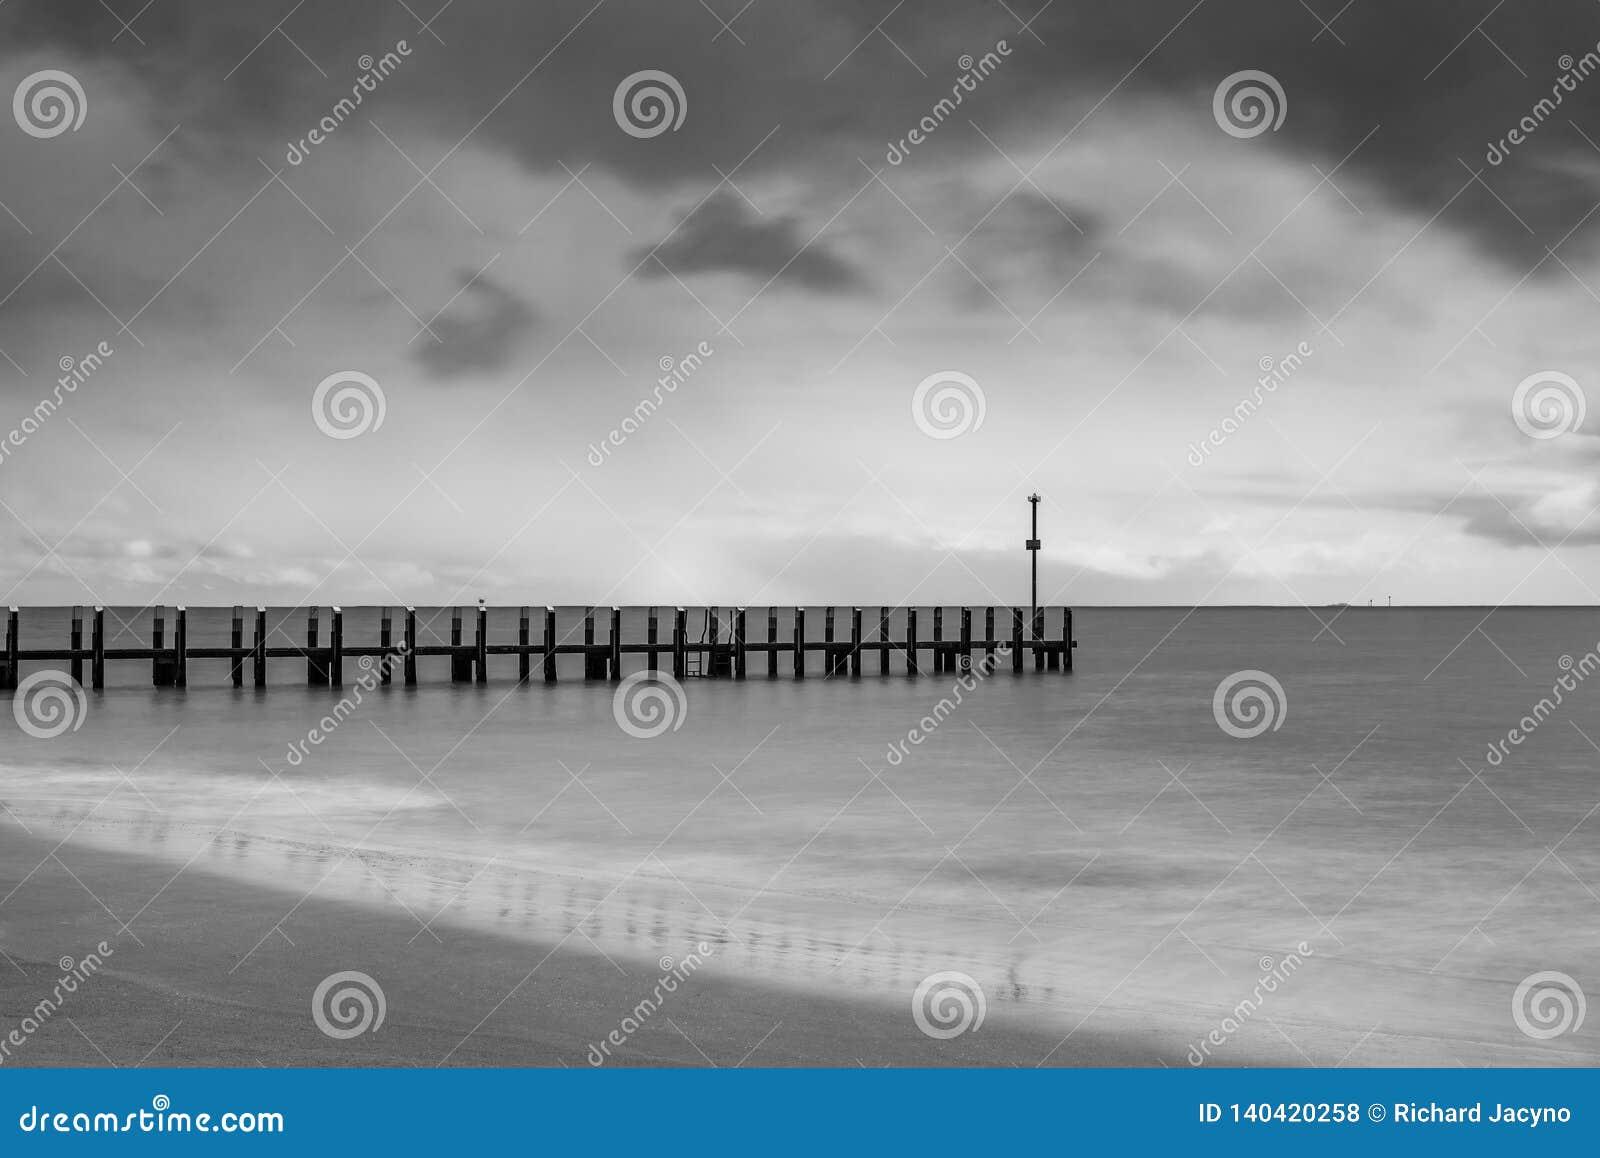 Jetée de bateau un après-midi orageux